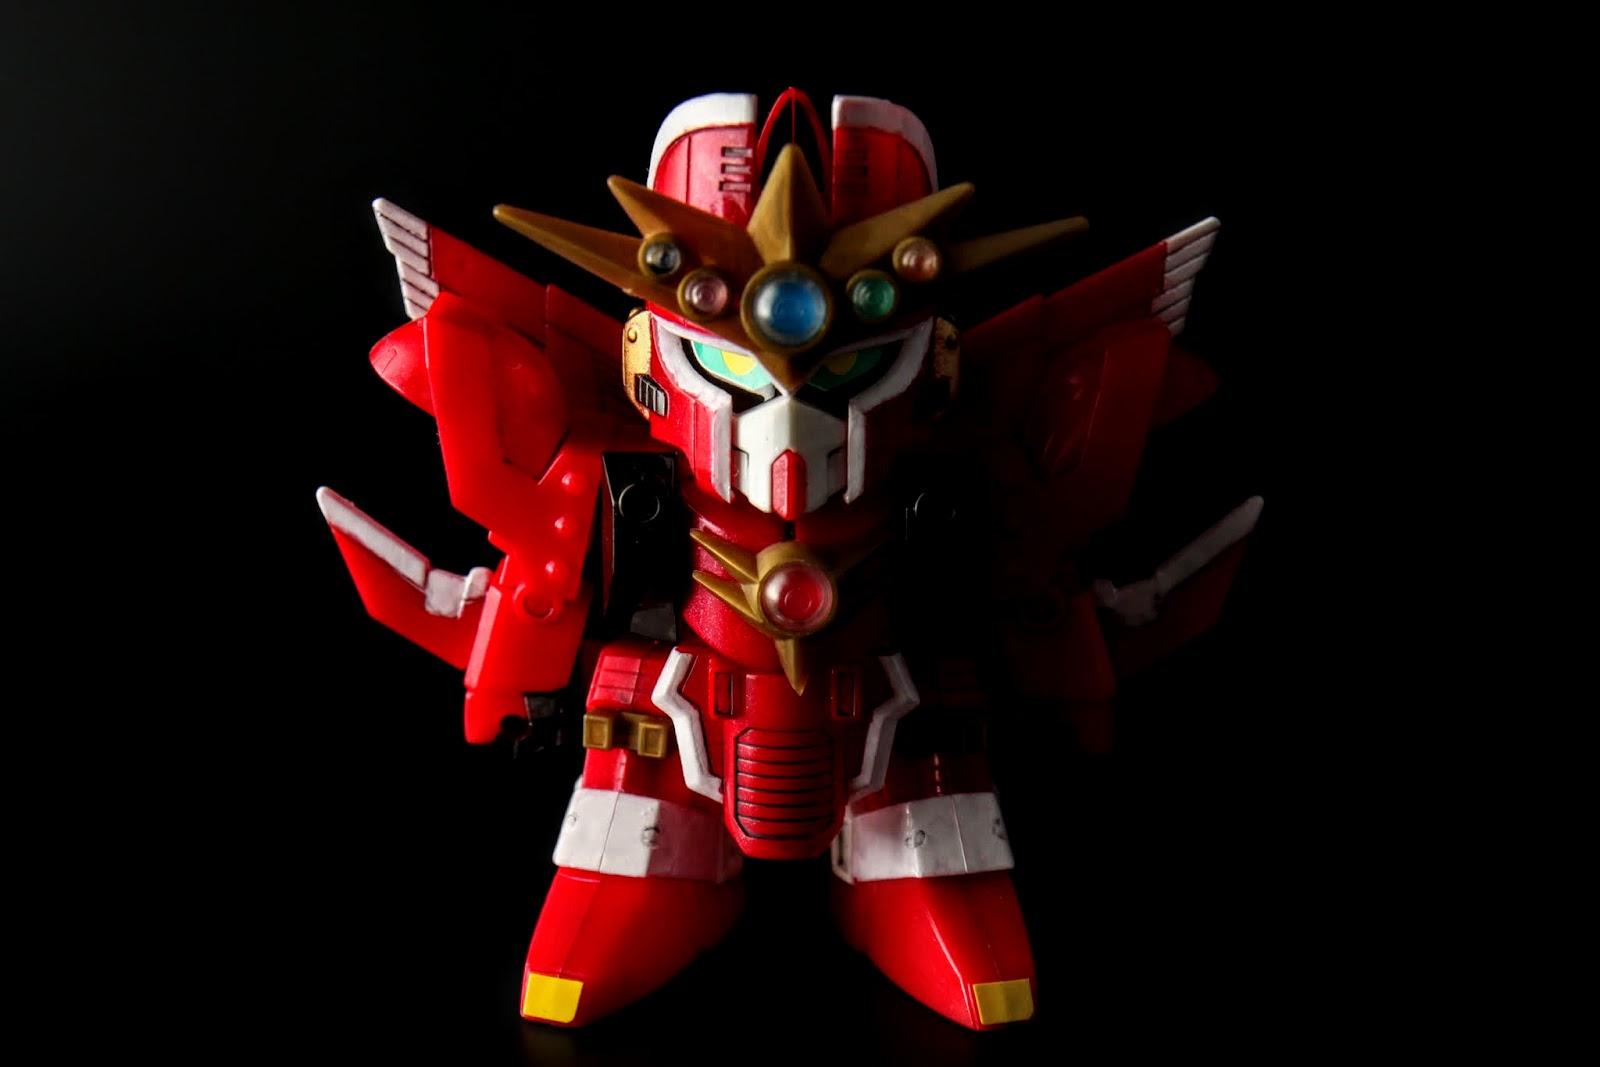 """""""紅之神秘機兵""""因此身上的顏色以紅色為主"""